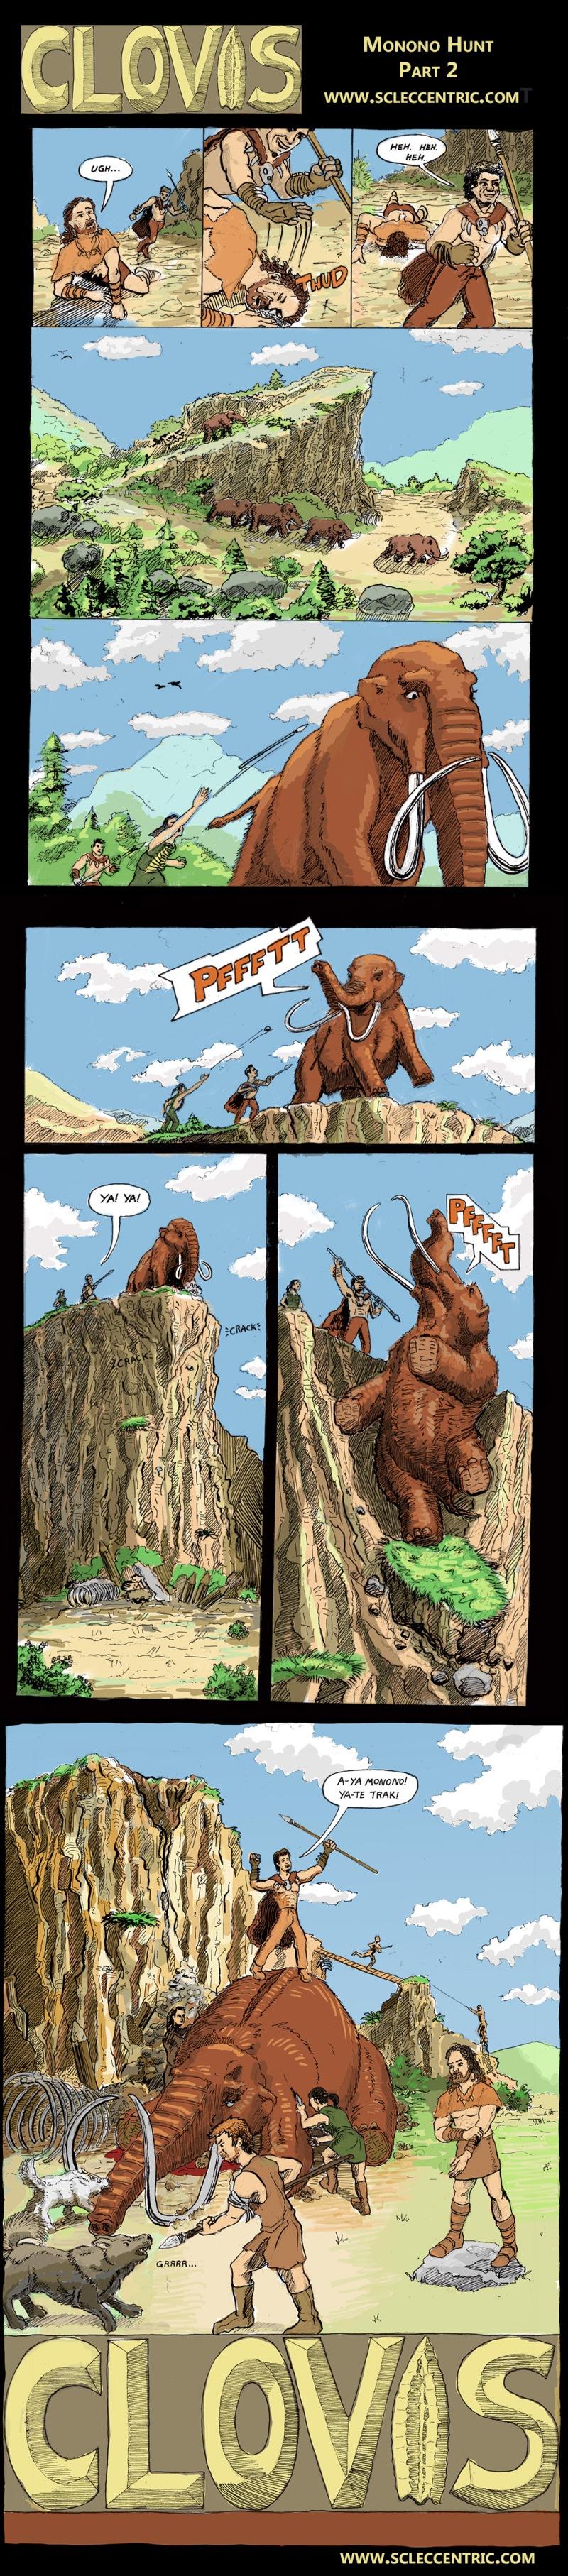 Clovis Monono Hunt 2